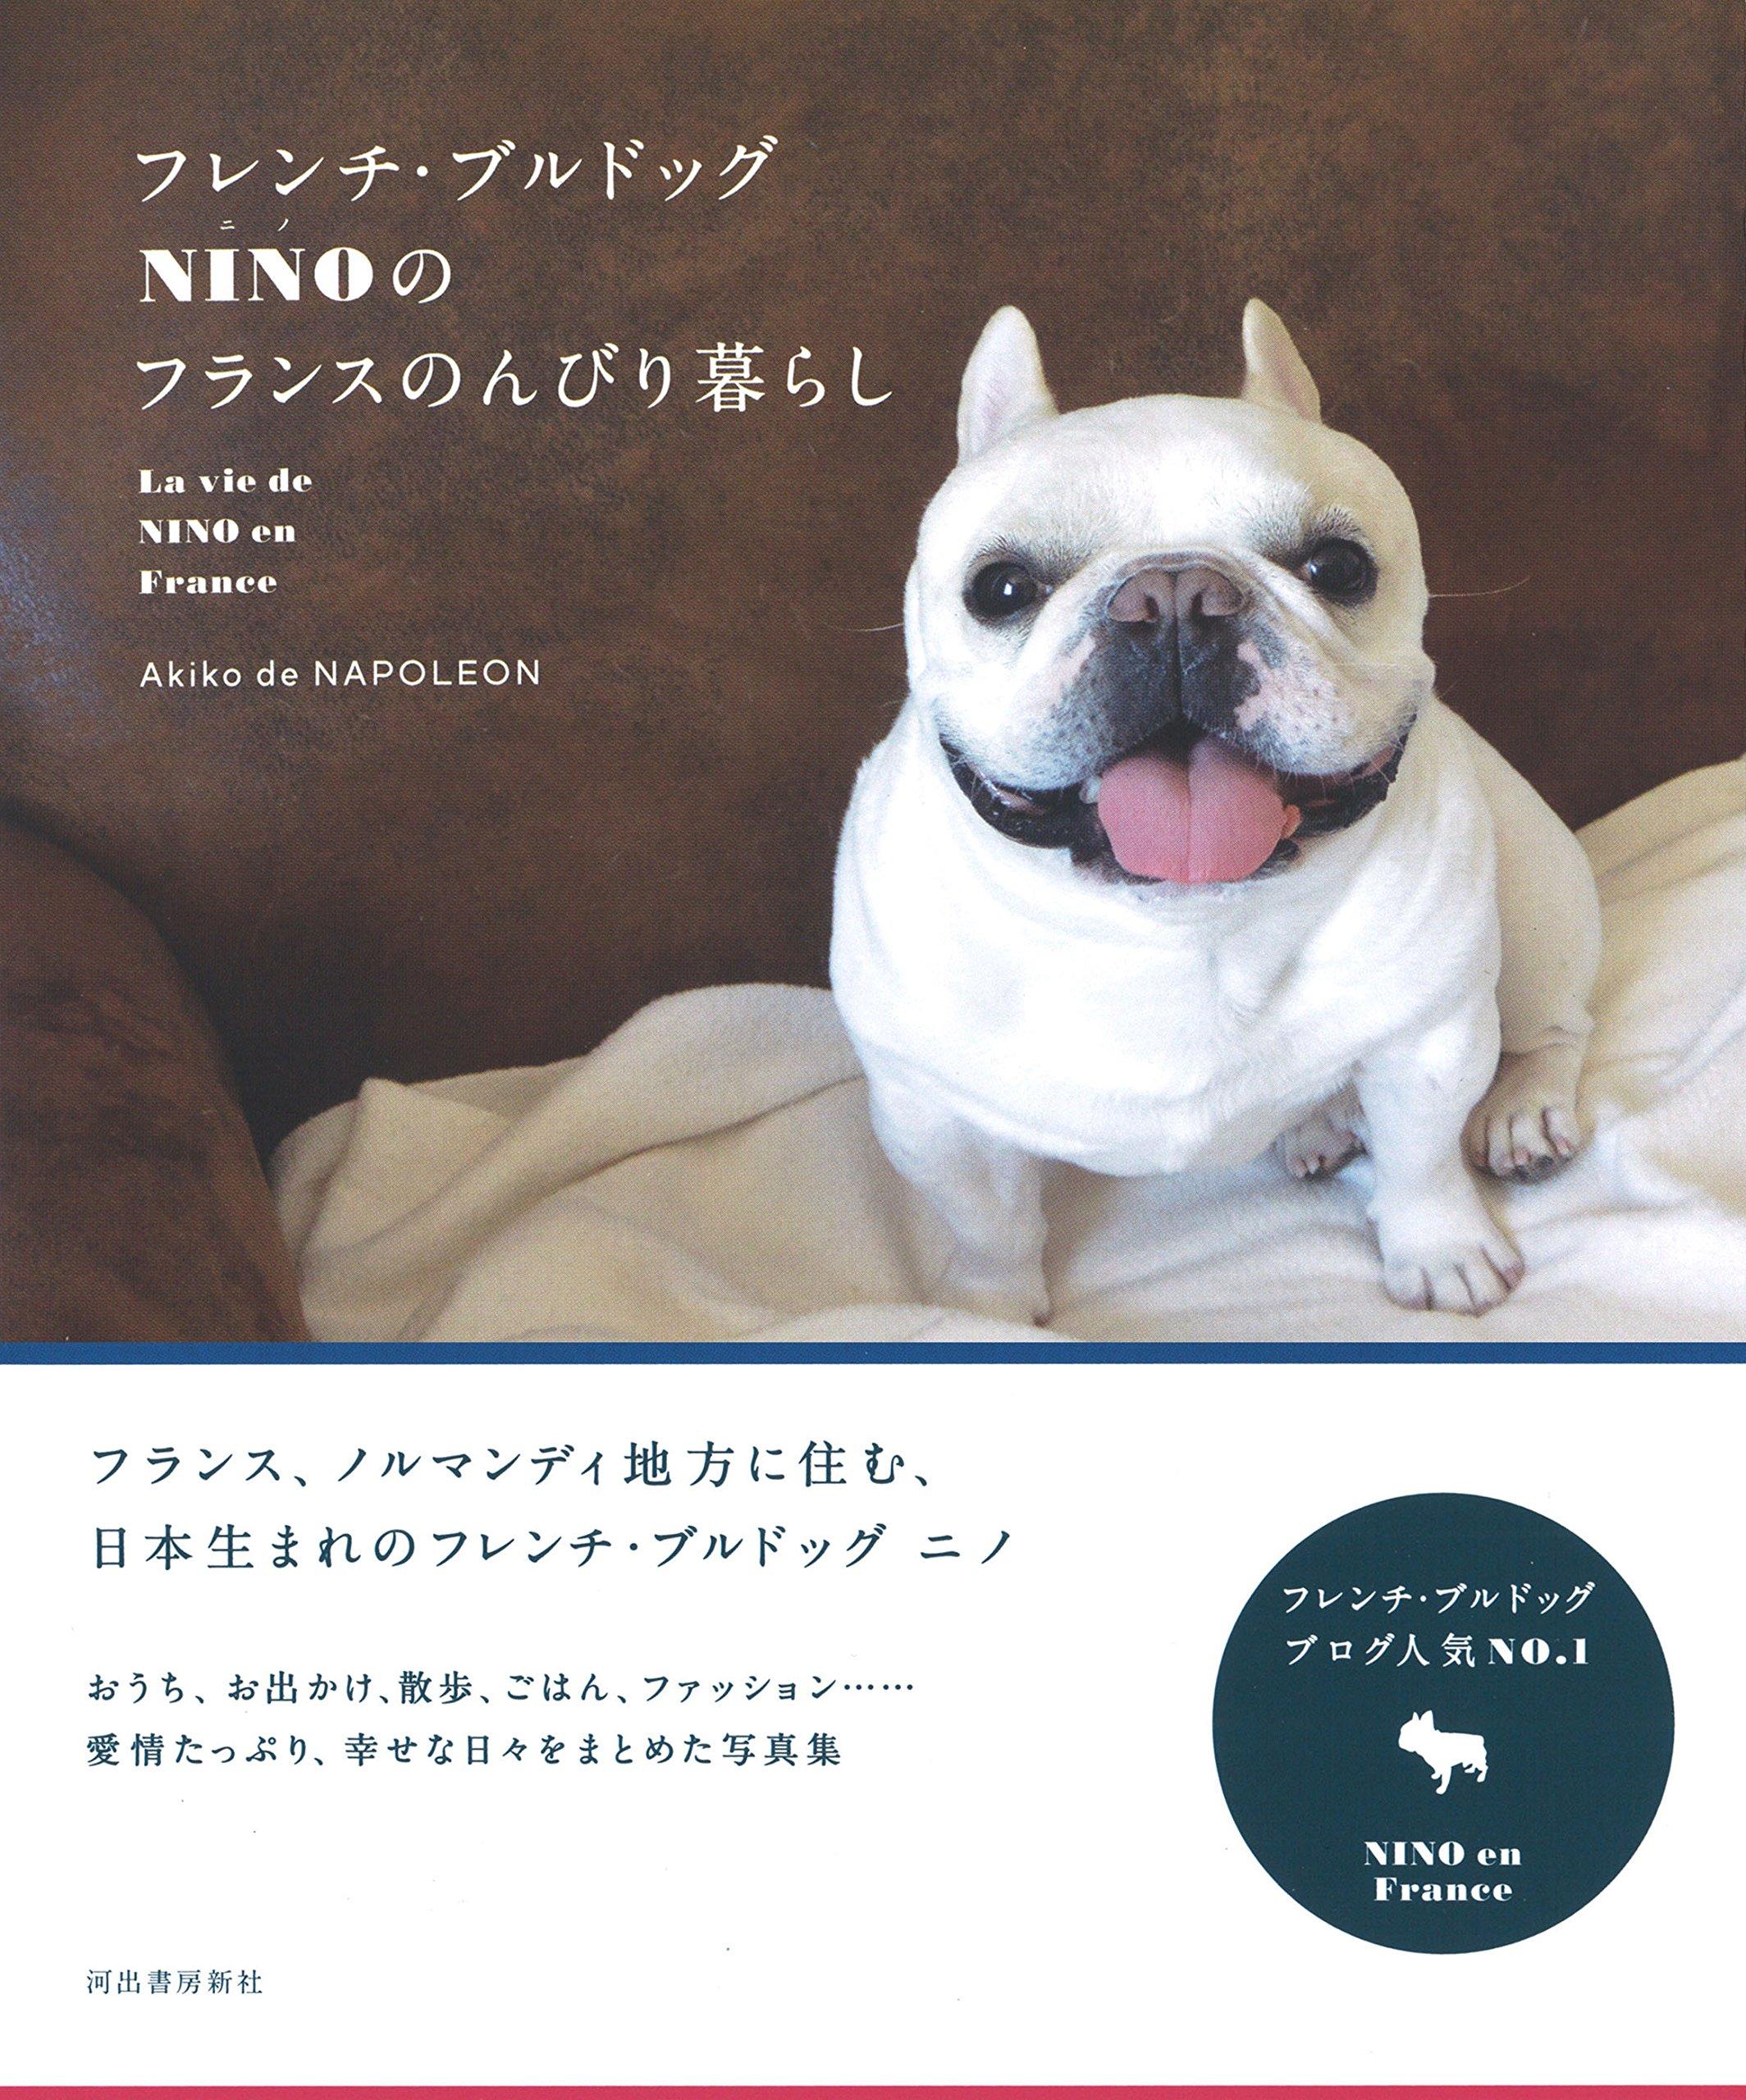 フレンチ・ブルドッグ NINO(ニノ)のフランスのんびり暮らし